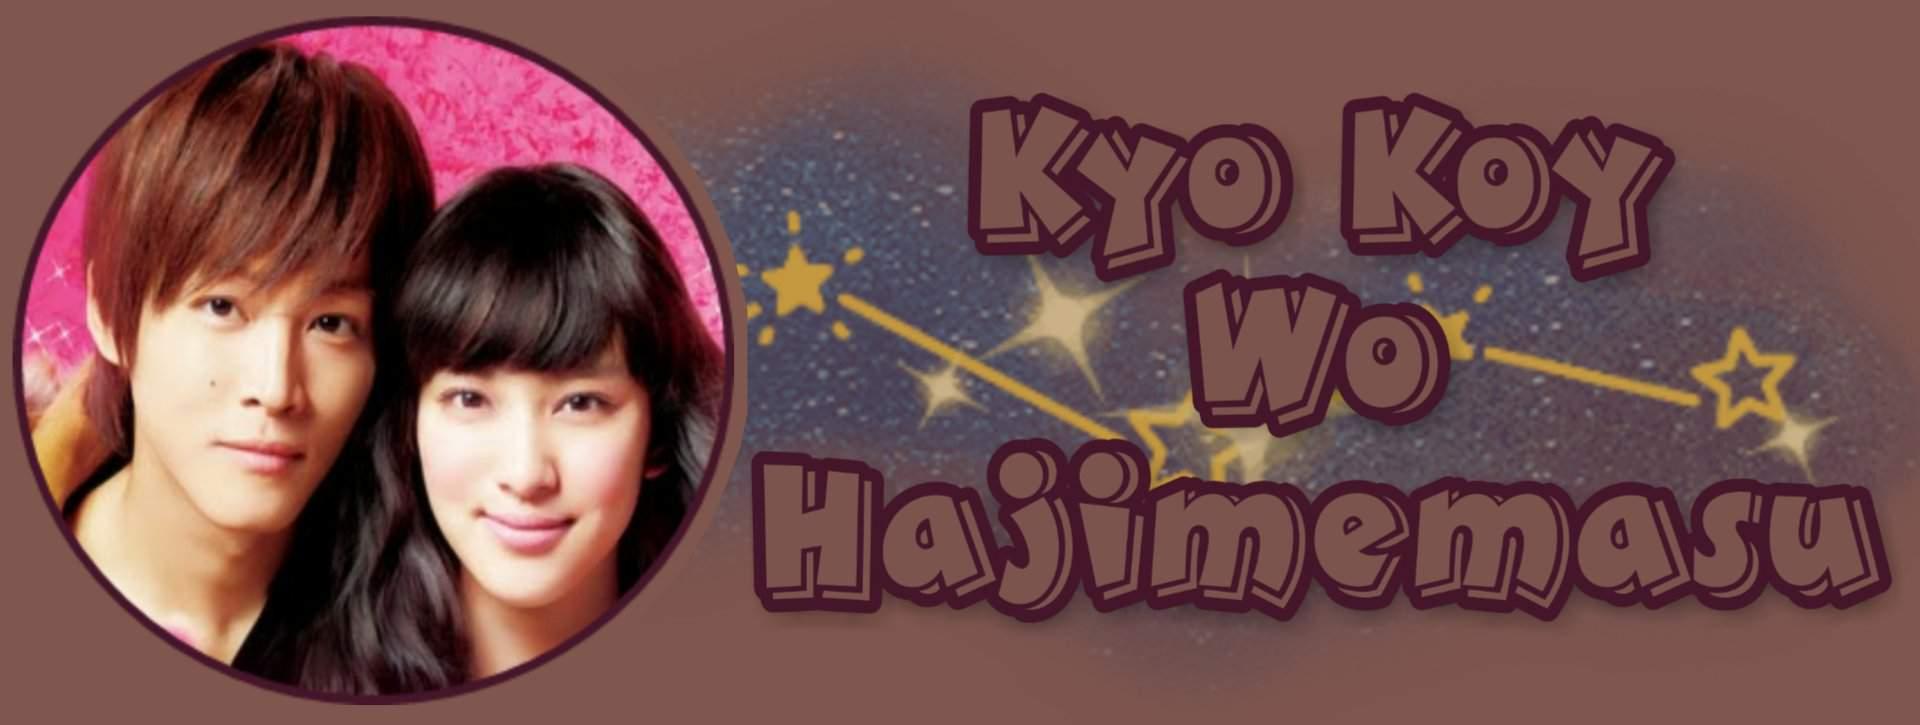 ʚ ɞ Kyo Koi Wo Hajimemasu ʚ ɞ Wiki K Drama Amino Nosotros los guapos es una serie de sitcom mexicana del 2016 producida por guillermo del bosque para televisa, inicialmente estrenada en la plataforma de streaming blim y después en la cadena de televisión las estrellas el 8 de noviembre de 2016. ʚ ɞ kyo koi wo hajimemasu ʚ ɞ wiki k drama amino